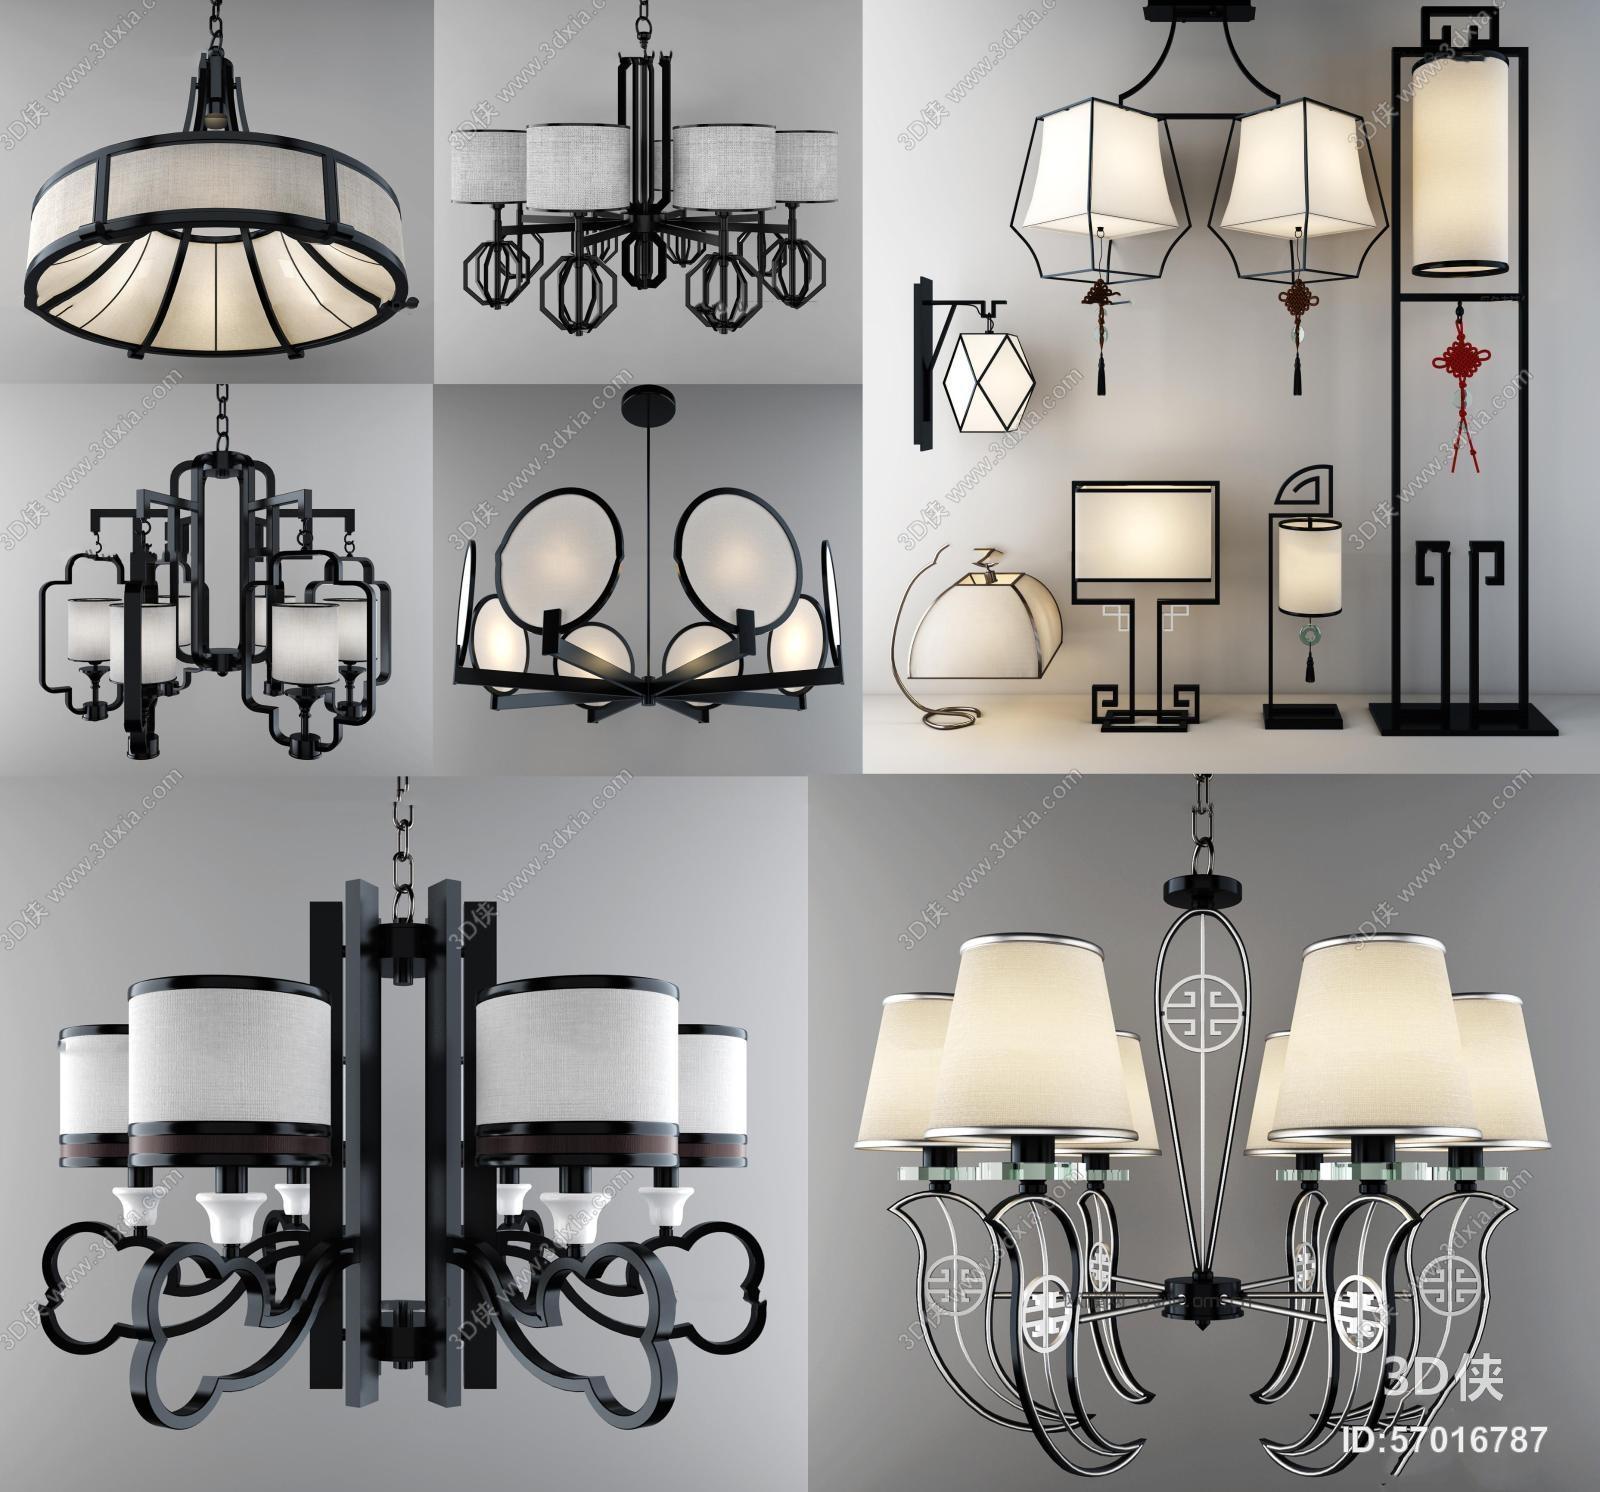 吊灯效果图素材免费下载,本作品主题是新中式吊灯台灯壁灯落地灯3d